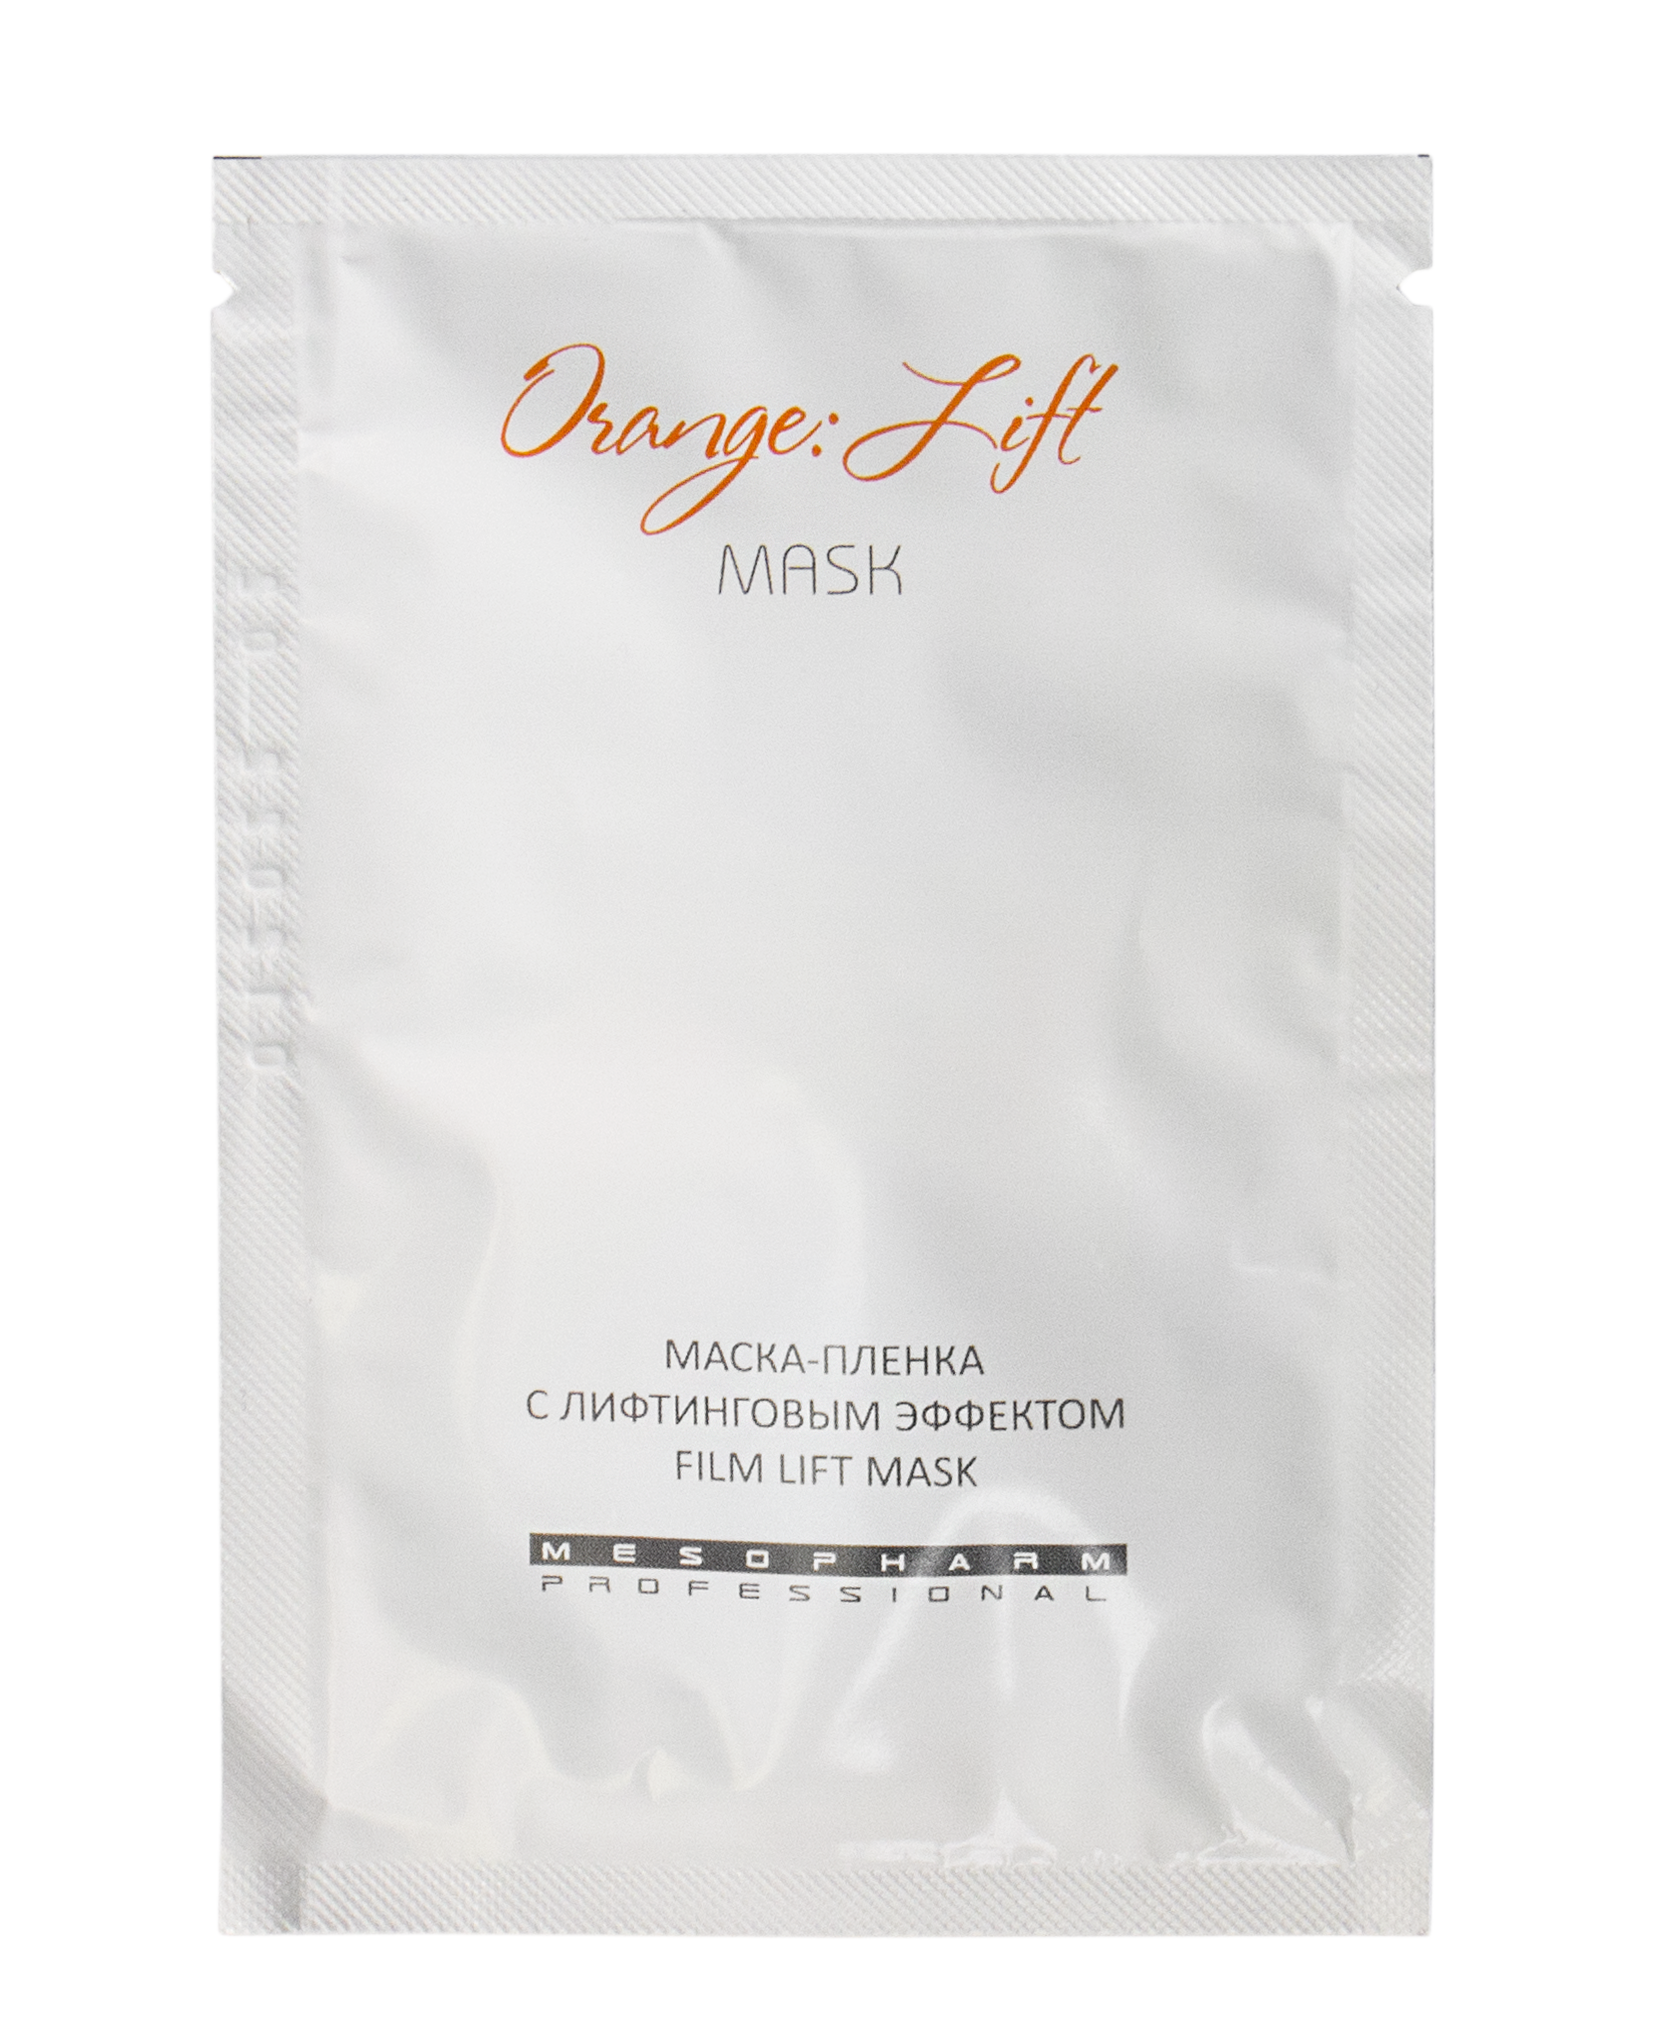 MESOPHARM PROFESSIONAL Маска-пленка с лифтинговым эффектом для лица / ORANGE: LIFT MASK 15 гр